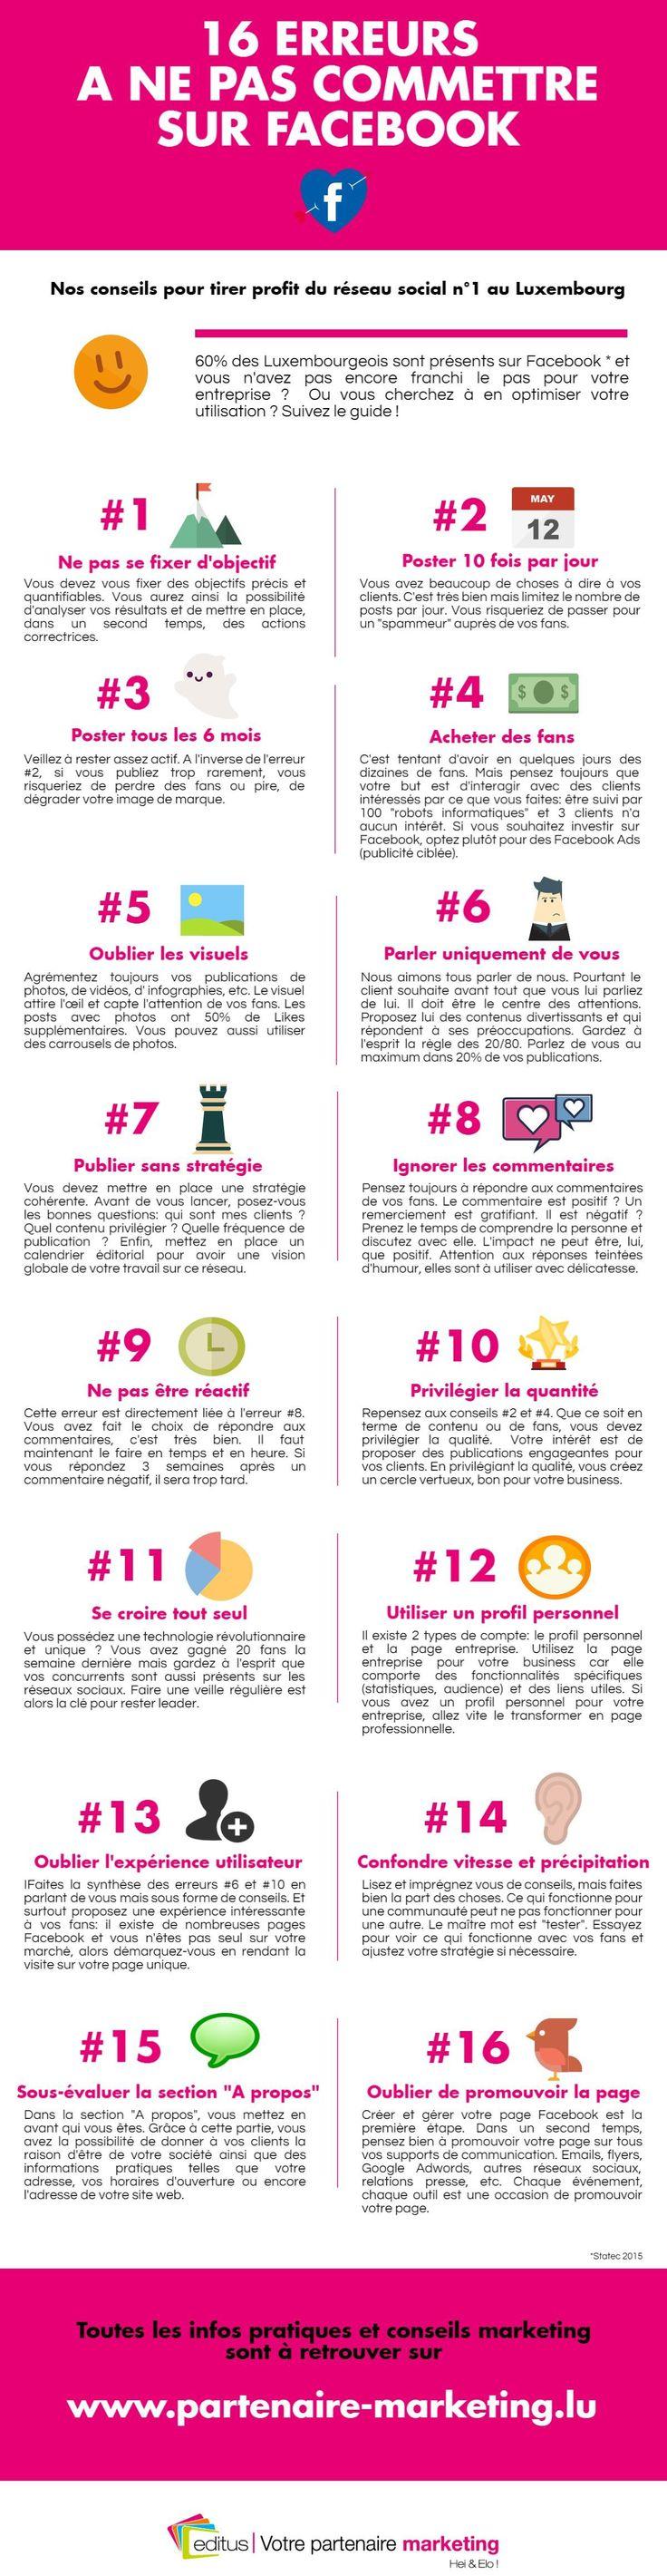 Les 16 erreurs à ne pas commettre sur #Facebook (infographie) via @webmarketingcom